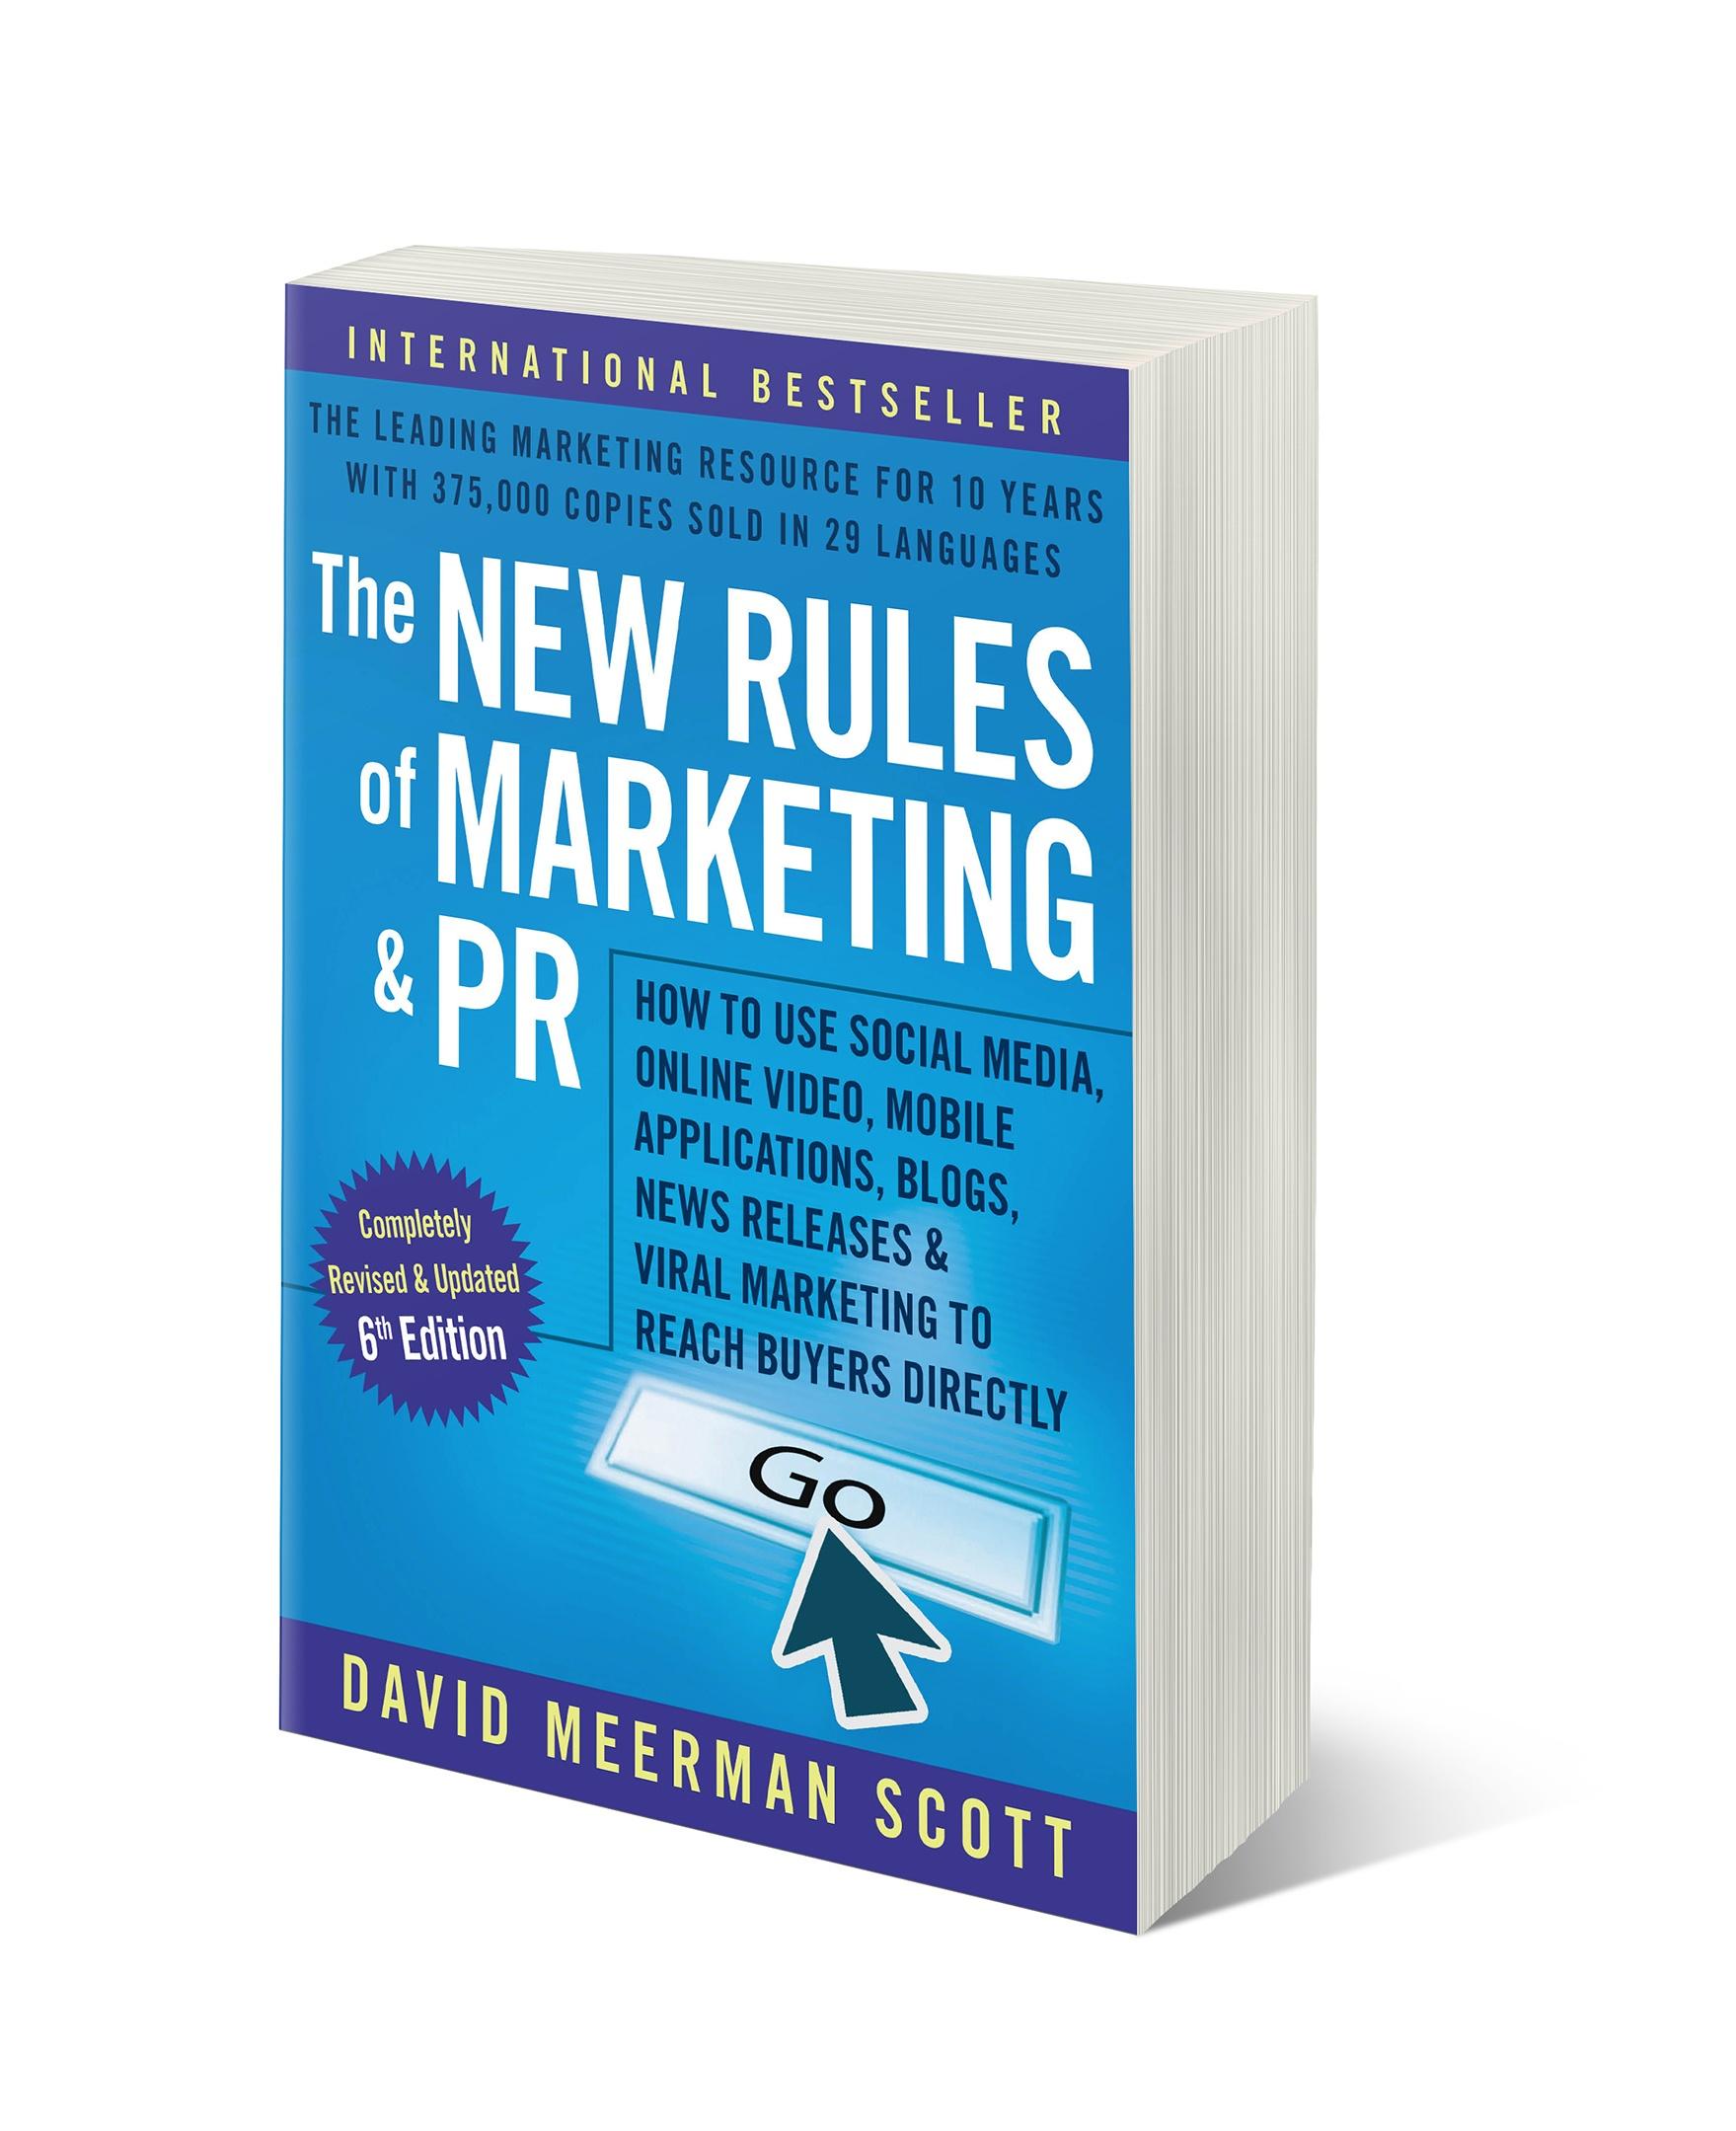 e marketing 6th edition pdf